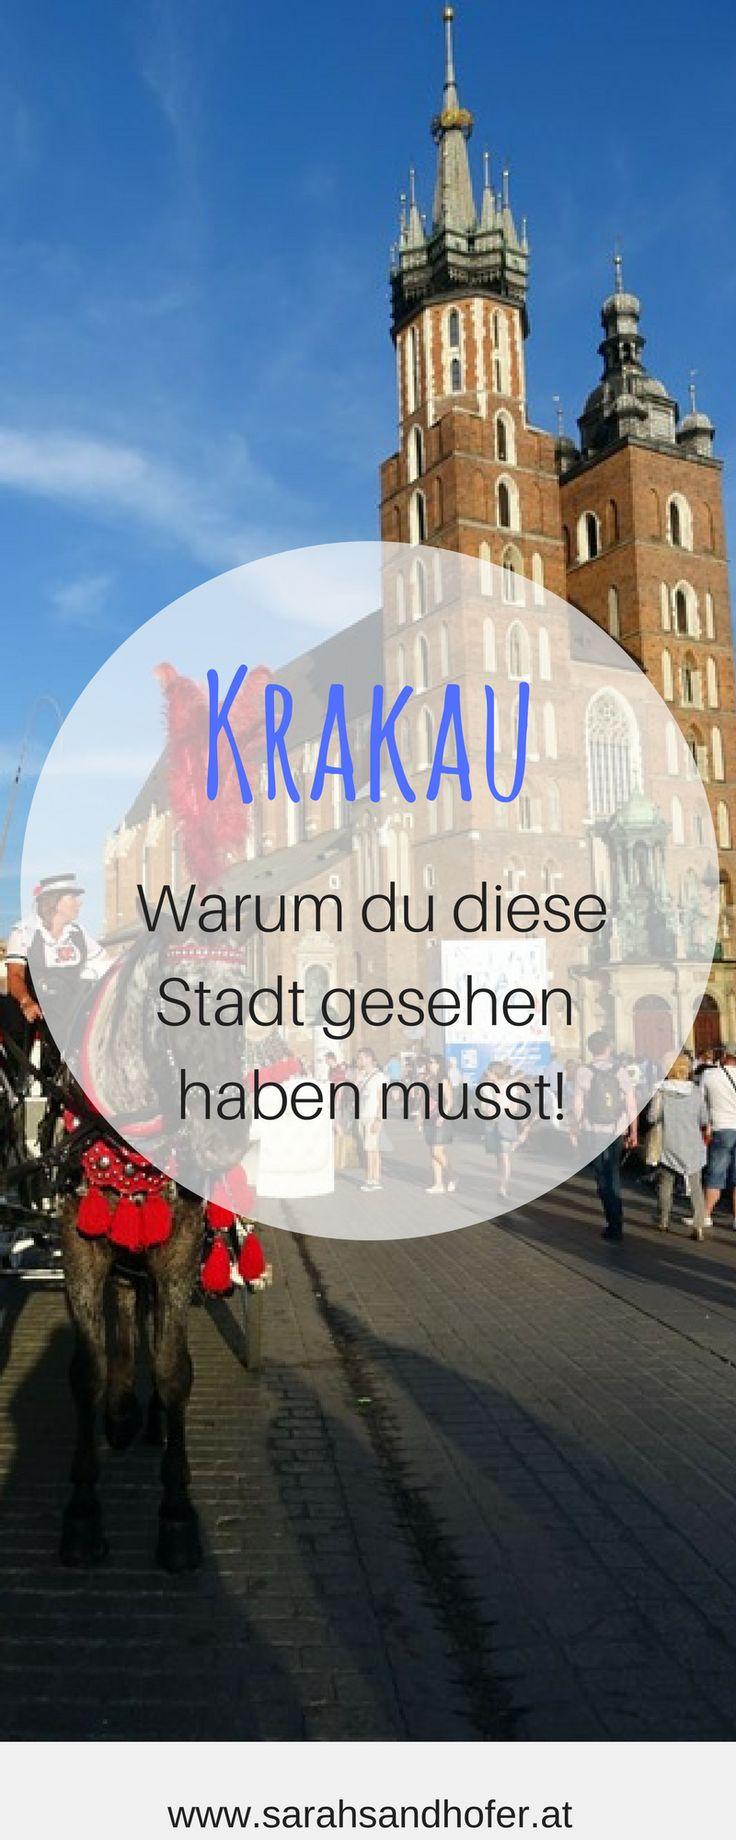 Krakau - warum du diese Stadt gesehen haben musst. Absoluter Geheimtipp für einen Städtetrip in Europa. Warum Krakau in Polen absolut eine Reise wert ist, kannst du hier nachlesen.